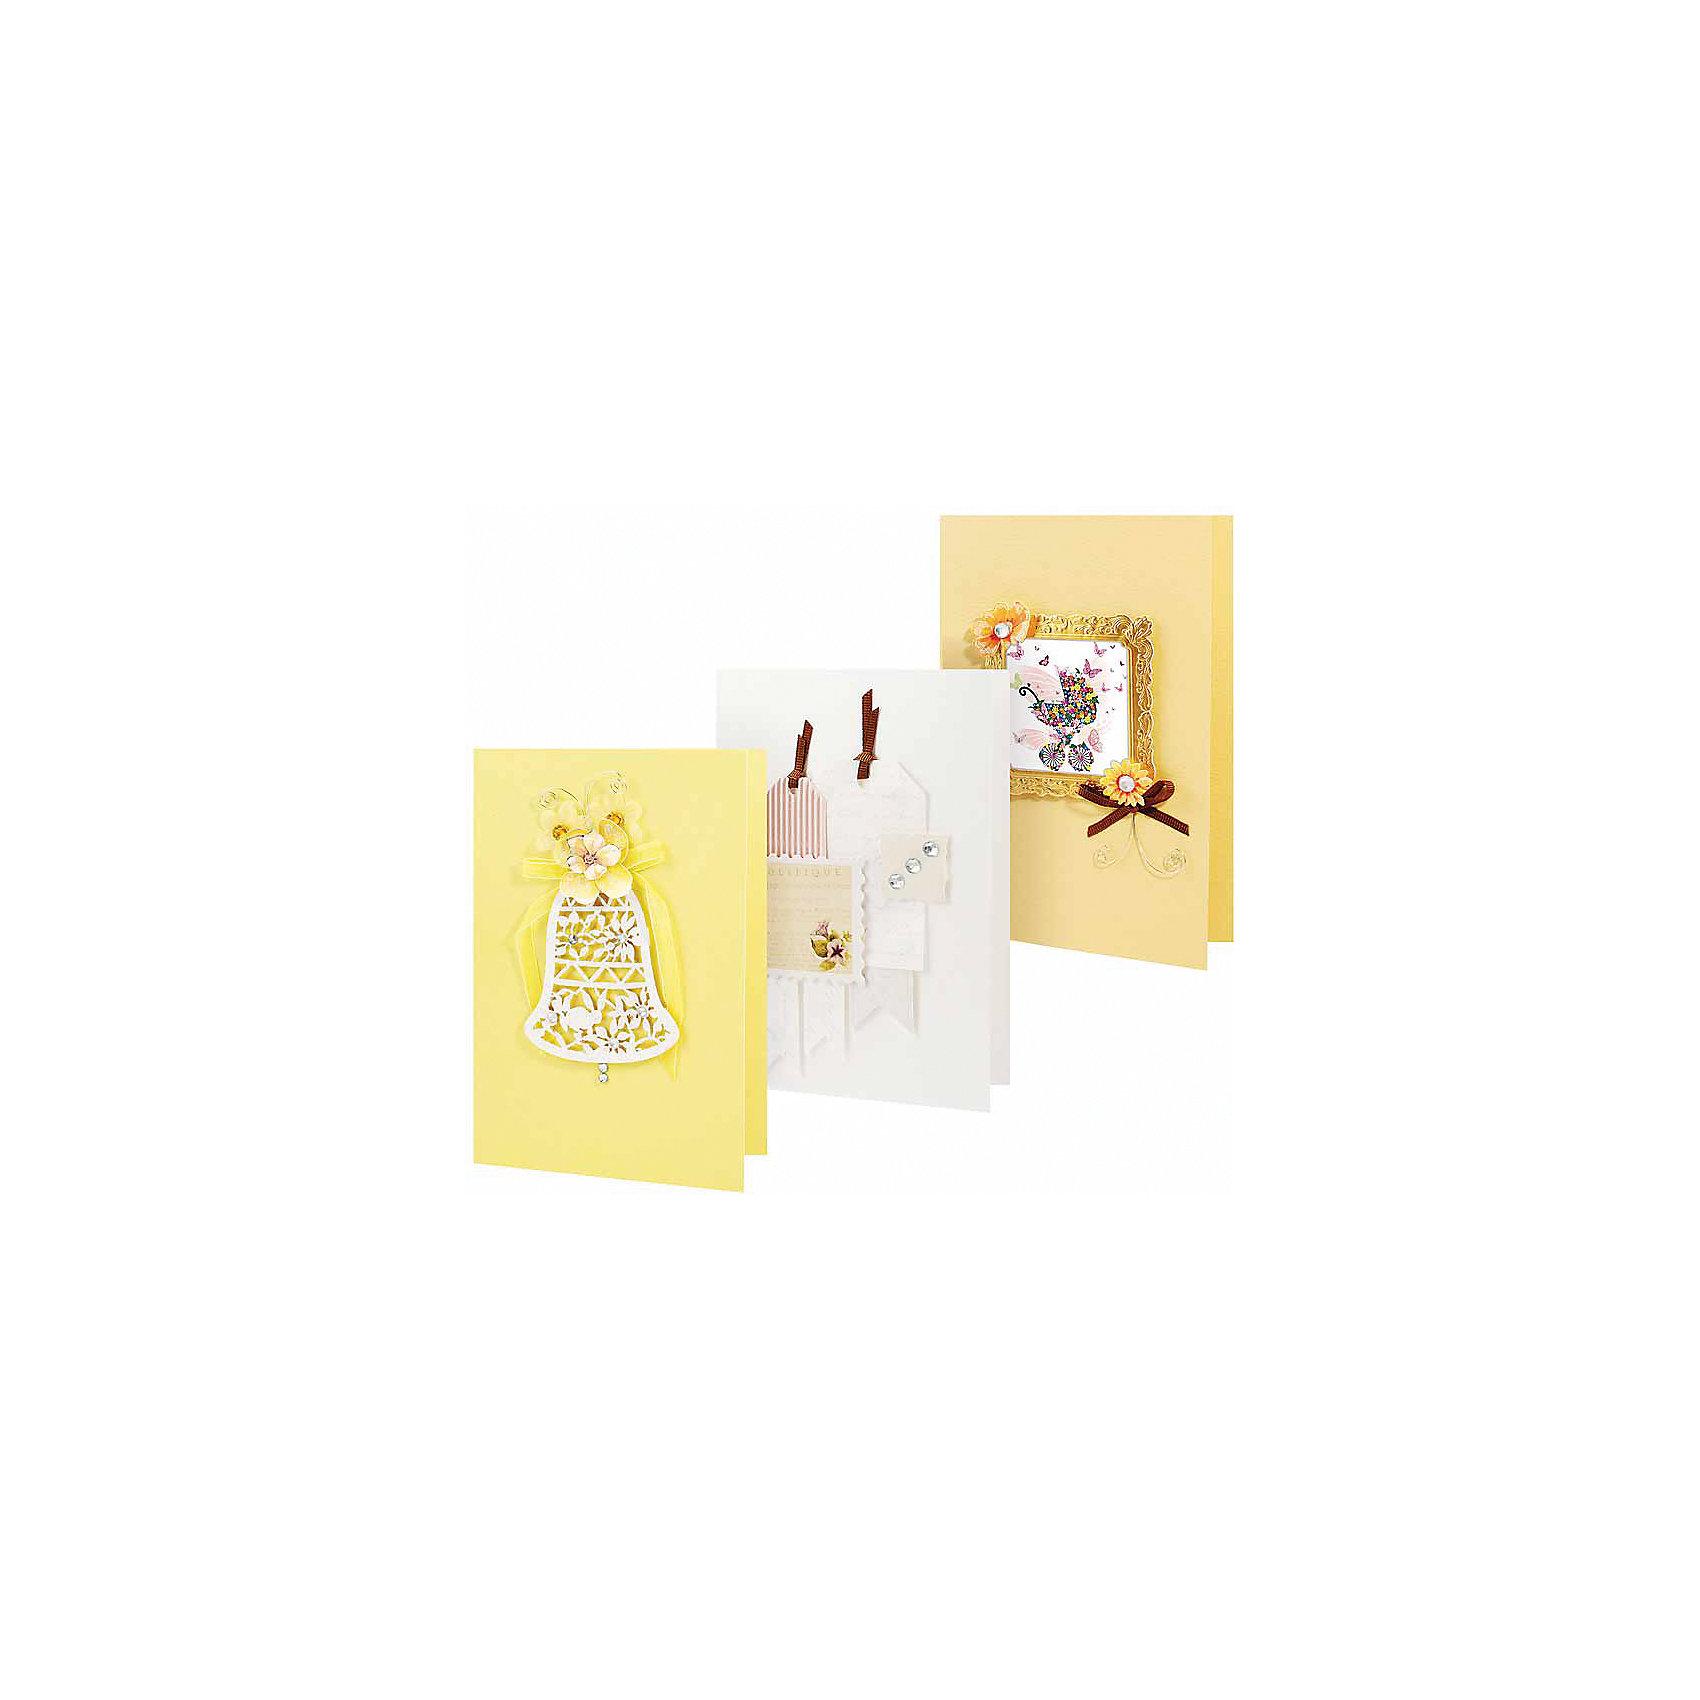 Набор для создания 3-х открыток СолнечныйХарактеристики товара:<br><br>• материал: бумага, картон, стразы<br>• размер упаковки: 14 см<br>• упаковка: картон<br>• комплектация: детали для создания трех открыток<br>• для творчества<br>• возраст: от 6 лет<br>• страна бренда: Российская Федерация<br>• страна производства: Китай<br><br>Развить творческие способности ребенка и весело провести время поможет этот комплект! Набор состоит из 3 открыток и декора, с их помощью можно сделать красивые аксессуары для праздника. Готовое изделие станет отличным подарком от ребенка близким! <br>Материалы качественно выполнены, сделаны из безопасного для детей сырья. Творчество помогает детям лучше развить мелкую моторику, память, внимание, аккуратность и мышление. Детям полезно такое занятие - они развивают свои способности и начинают верить в свои силы! Отличный подарок для ребенка.<br><br>Набор для создания 3-х открыток Солнечный от бренда Белоснежка можно купить в нашем интернет-магазине.<br><br>Ширина мм: 270<br>Глубина мм: 150<br>Высота мм: 60<br>Вес г: 190<br>Возраст от месяцев: 72<br>Возраст до месяцев: 2147483647<br>Пол: Женский<br>Возраст: Детский<br>SKU: 5275919